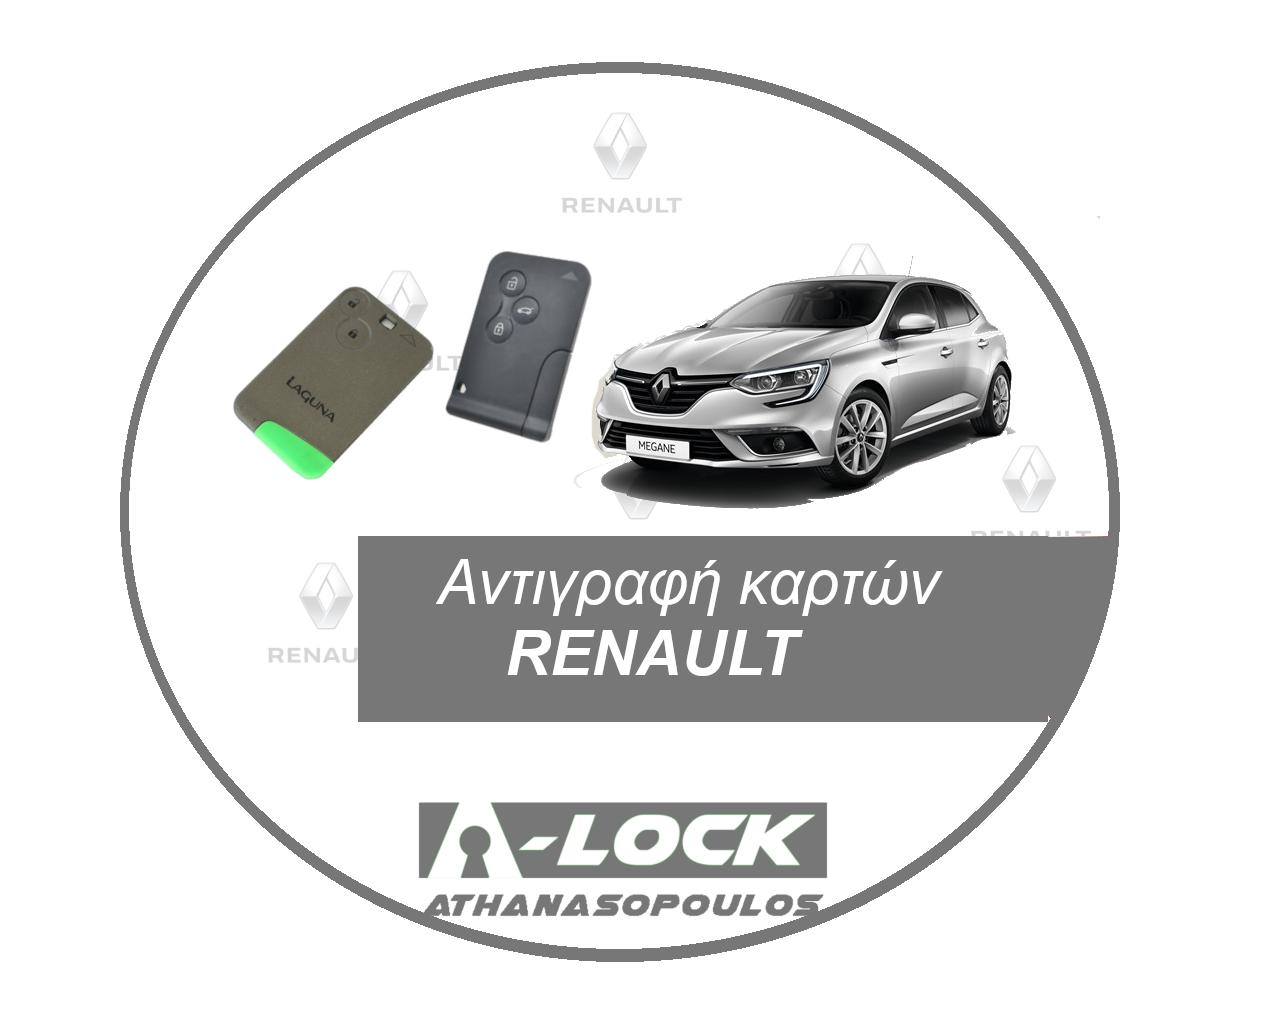 Αντιγραφές Κλειδιών Immobilizer Αυτοκινήτου RENAULT - 24 Ωρες Κλειδαράς Γαλάτσι A-Lock Αθανασόπουλος